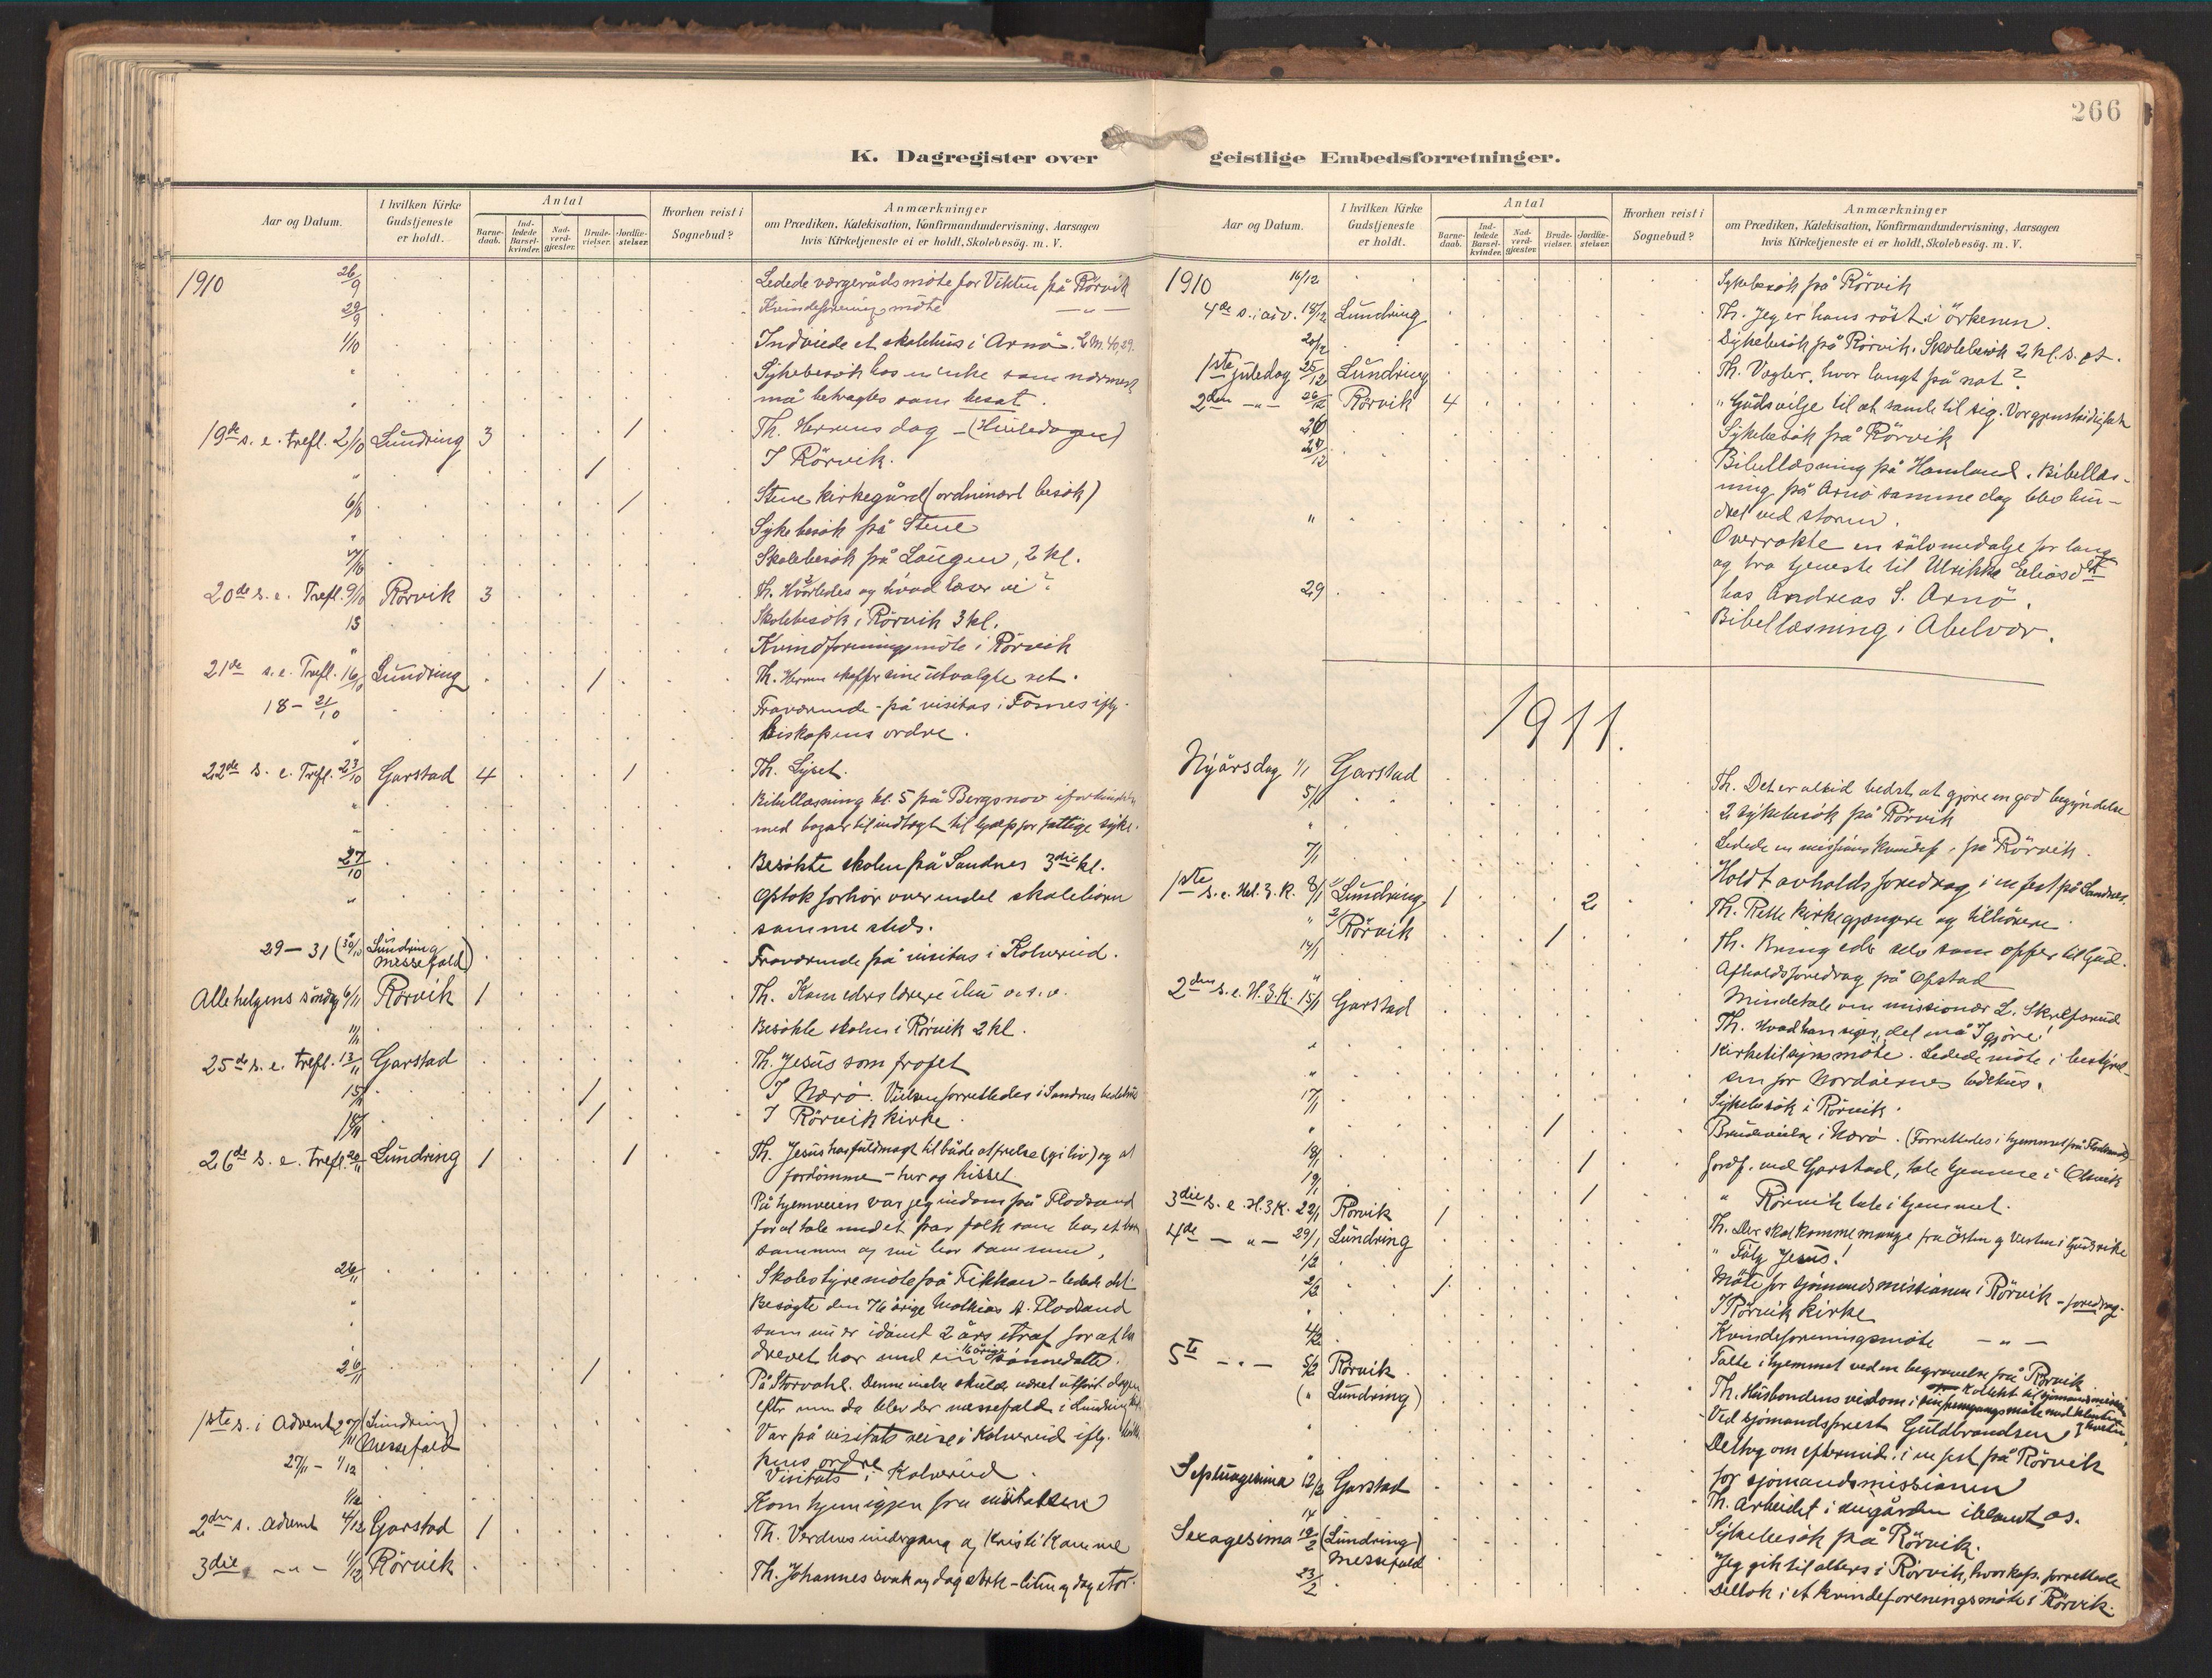 SAT, Ministerialprotokoller, klokkerbøker og fødselsregistre - Nord-Trøndelag, 784/L0677: Ministerialbok nr. 784A12, 1900-1920, s. 266